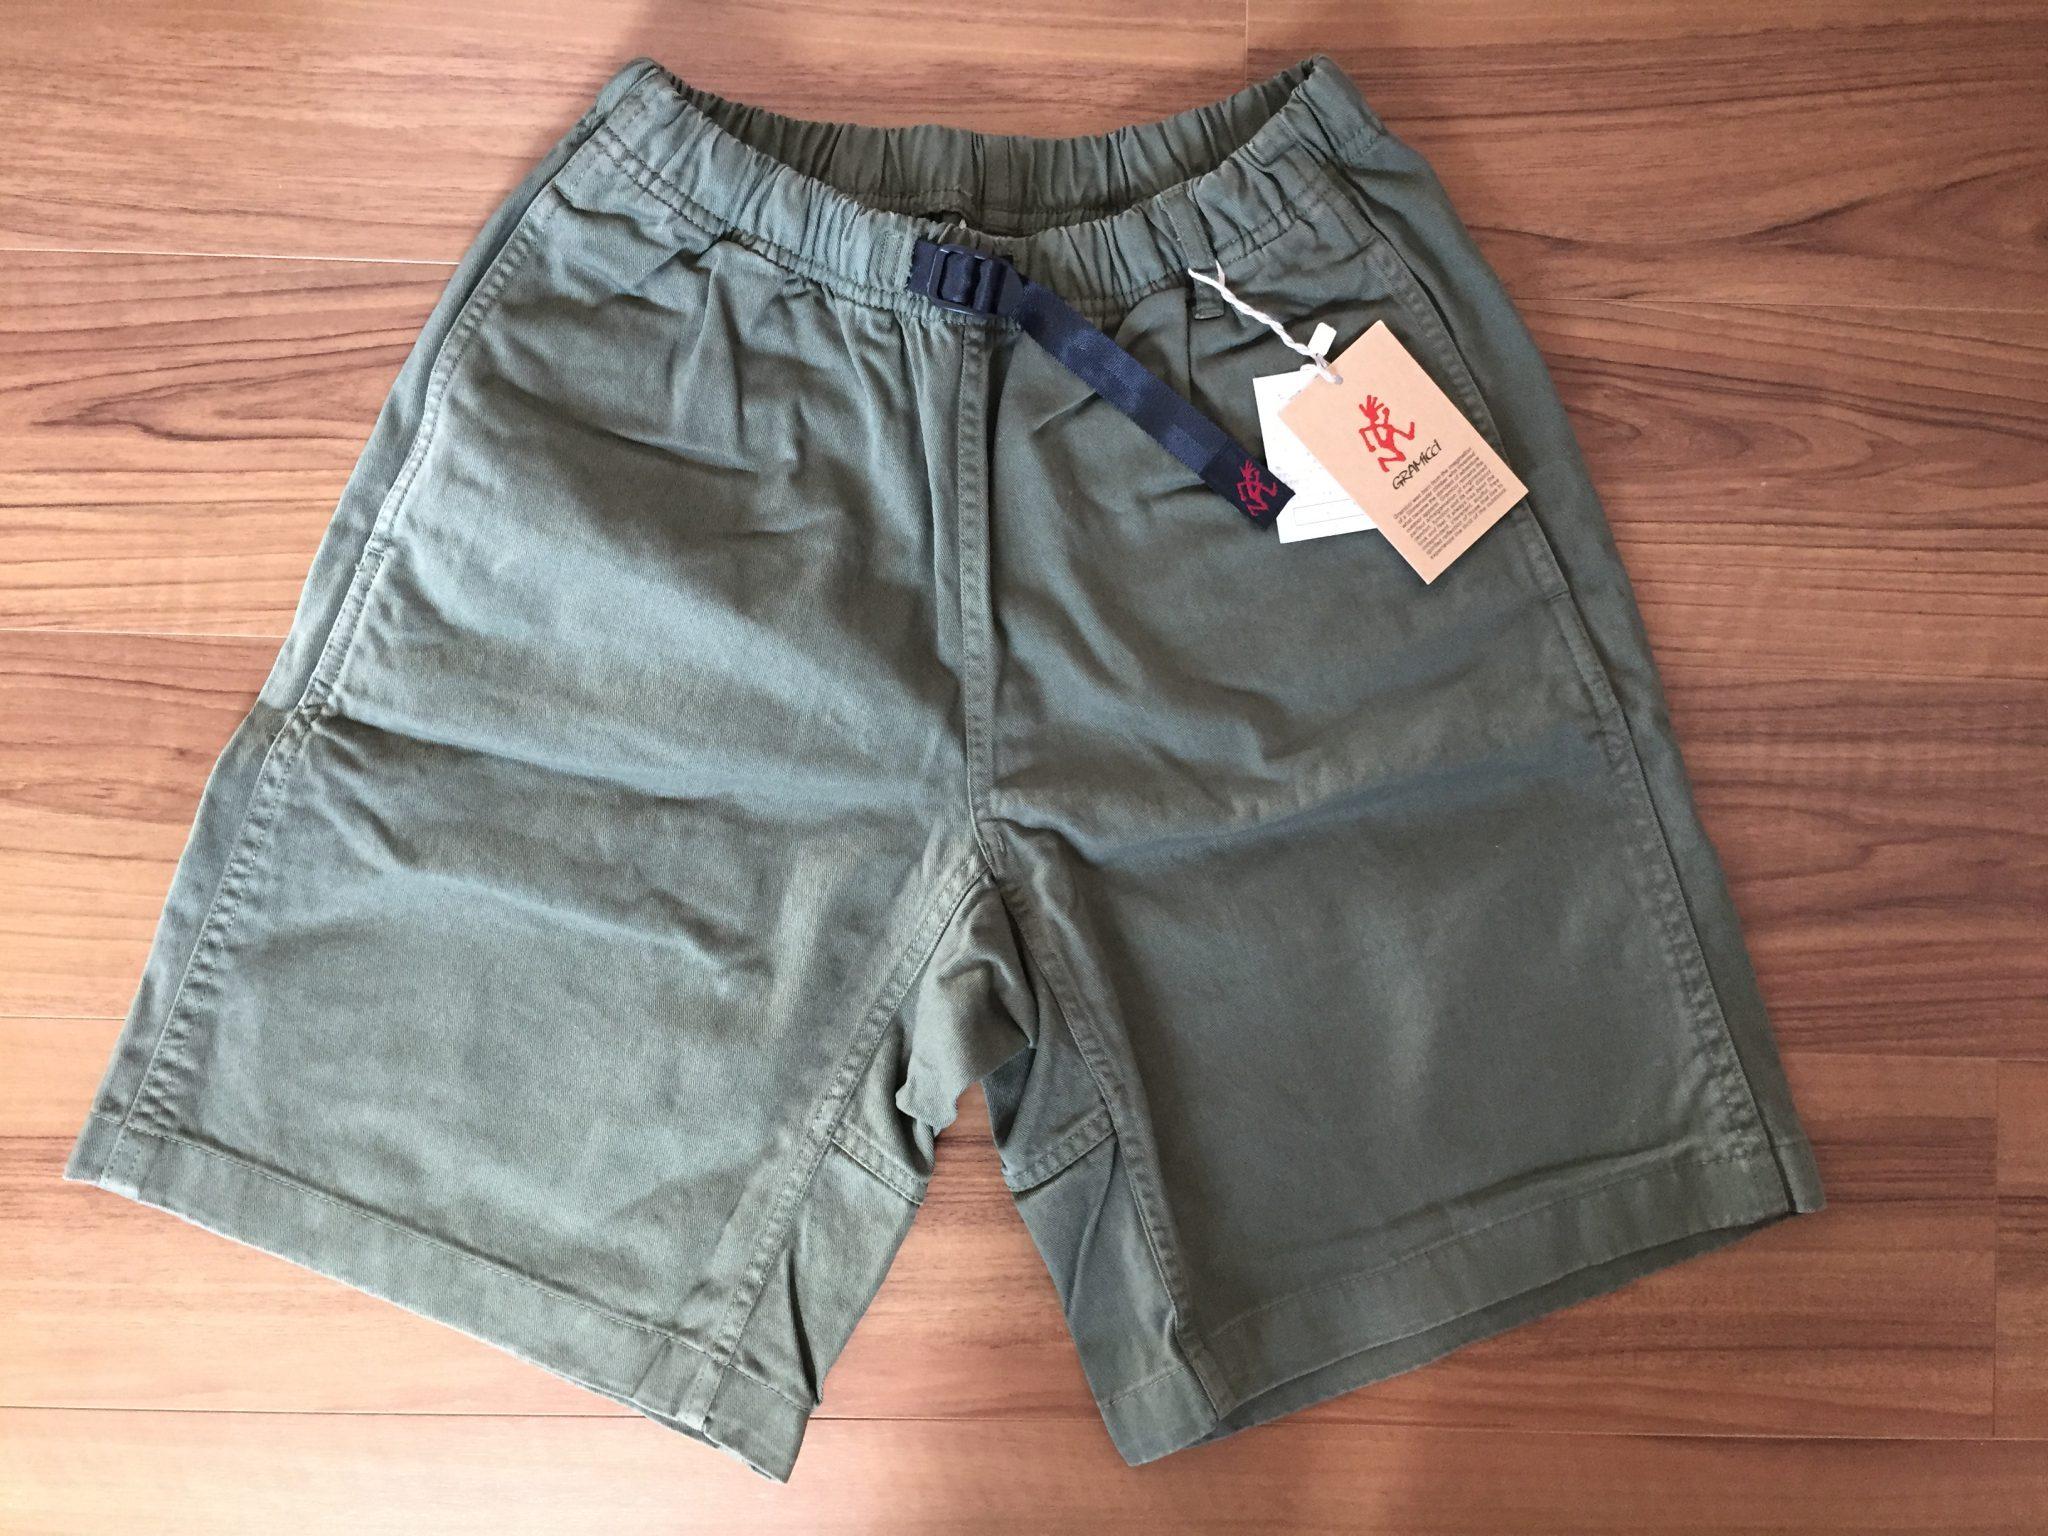 グラミチ Gショーツ Gramicci G-Shorts エイジング 経年変化 購入当初 オリーブ カーキ